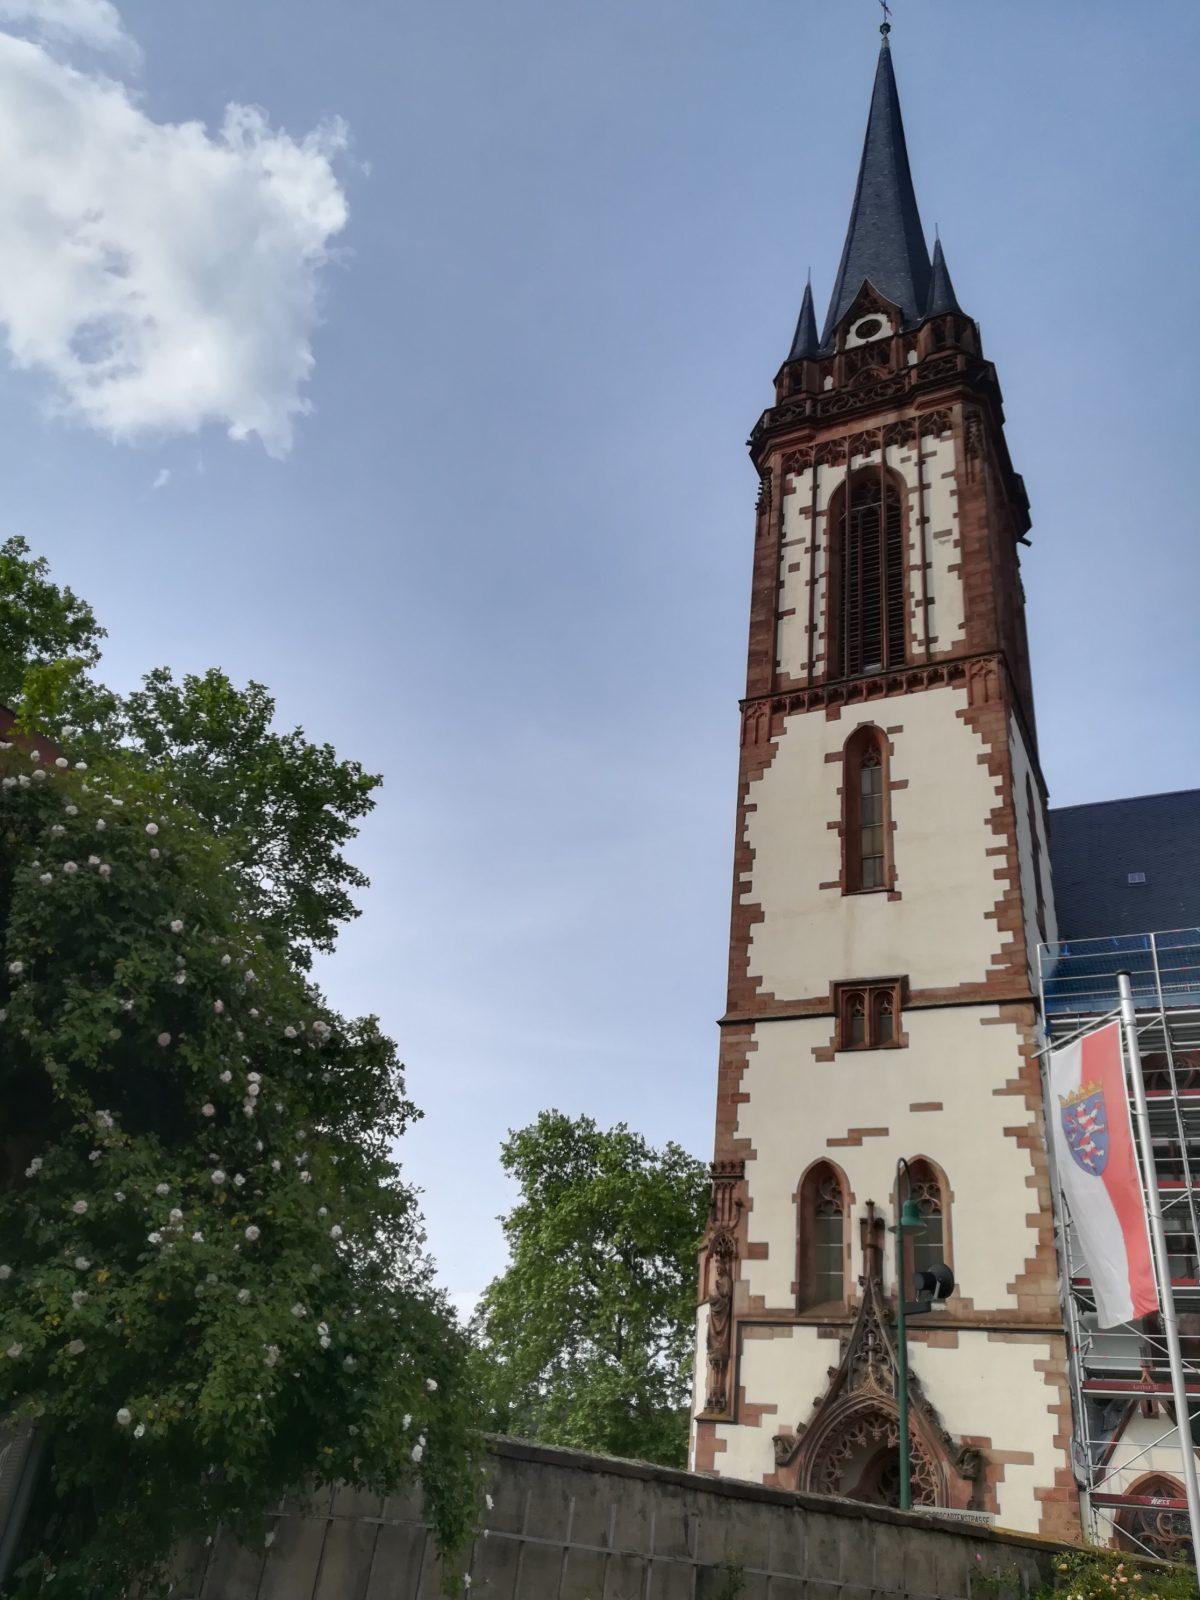 Wochenende in Darmstadt